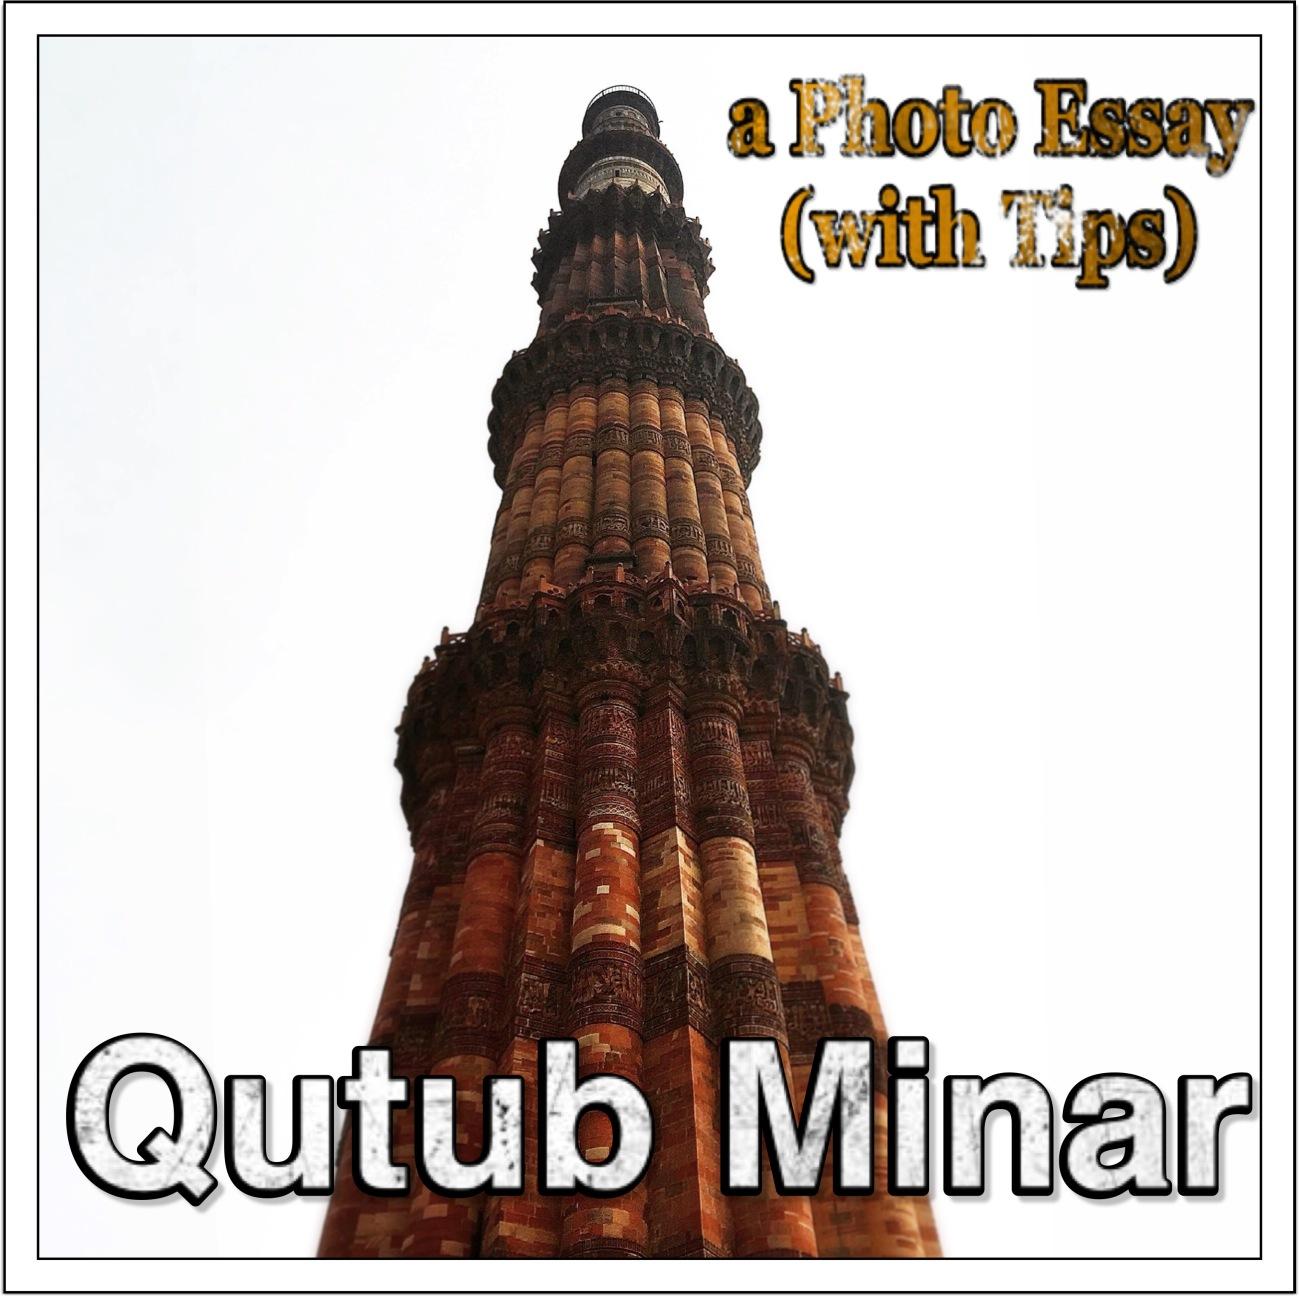 Qutub Minar Title